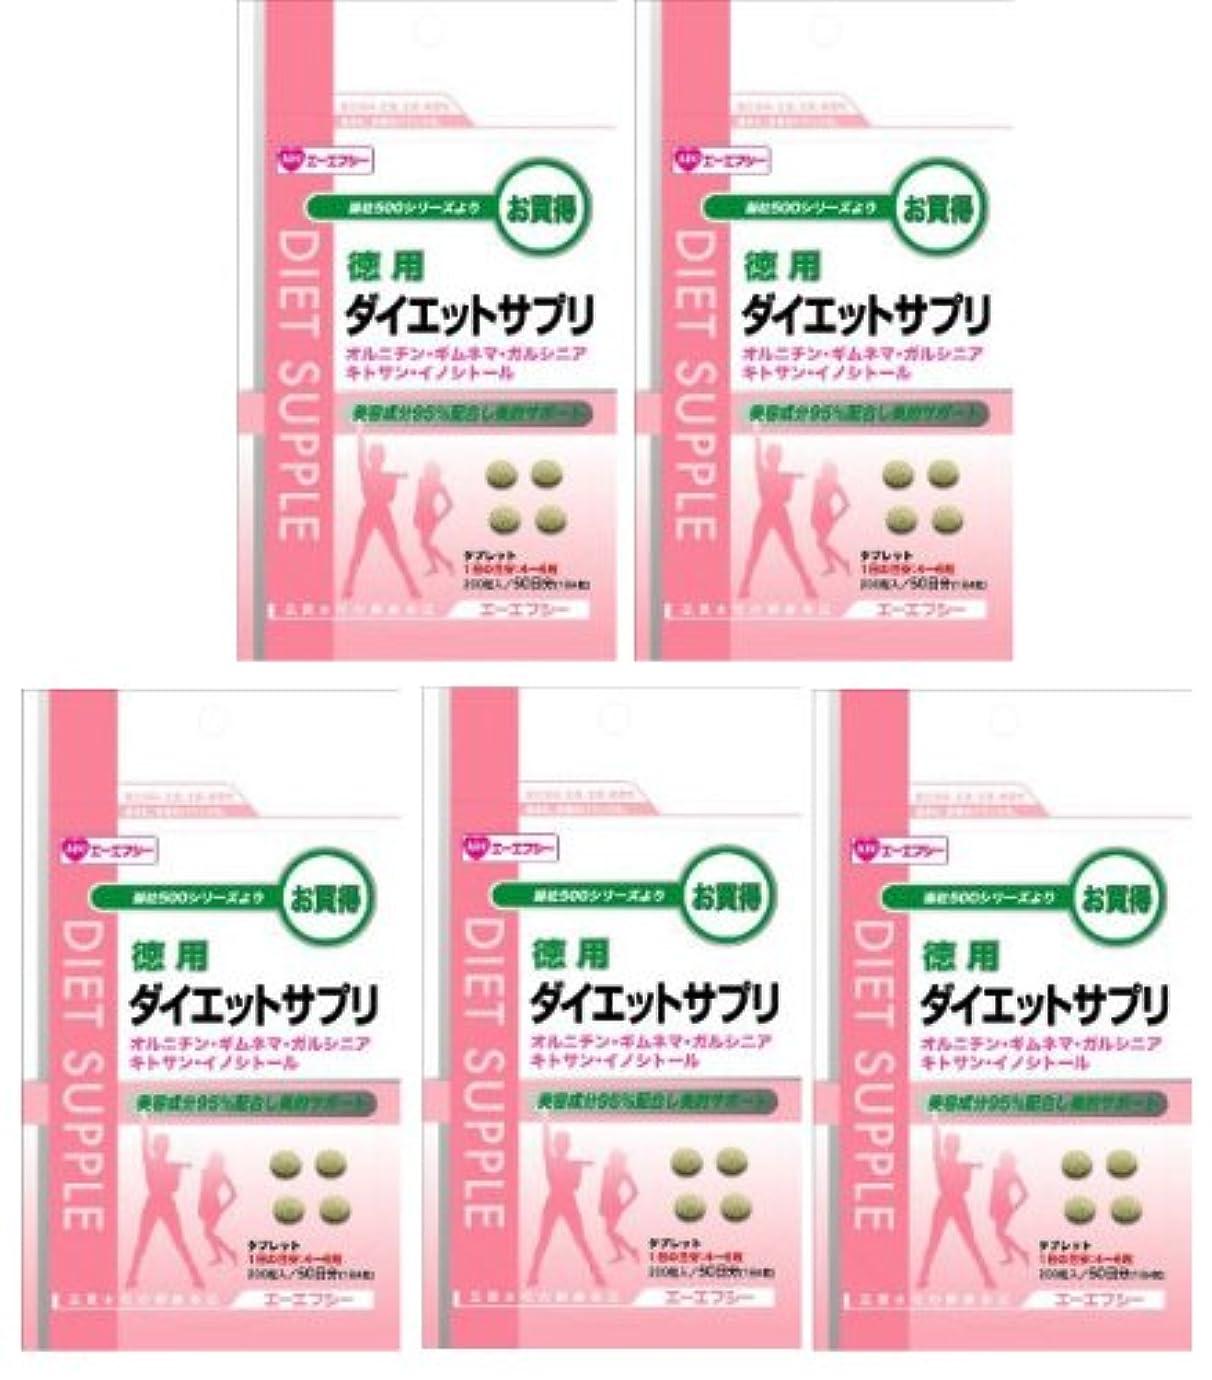 付き添い人リス解明AFC 徳用 ダイエットサプリ 200粒入 (約50日分)【5袋セット】